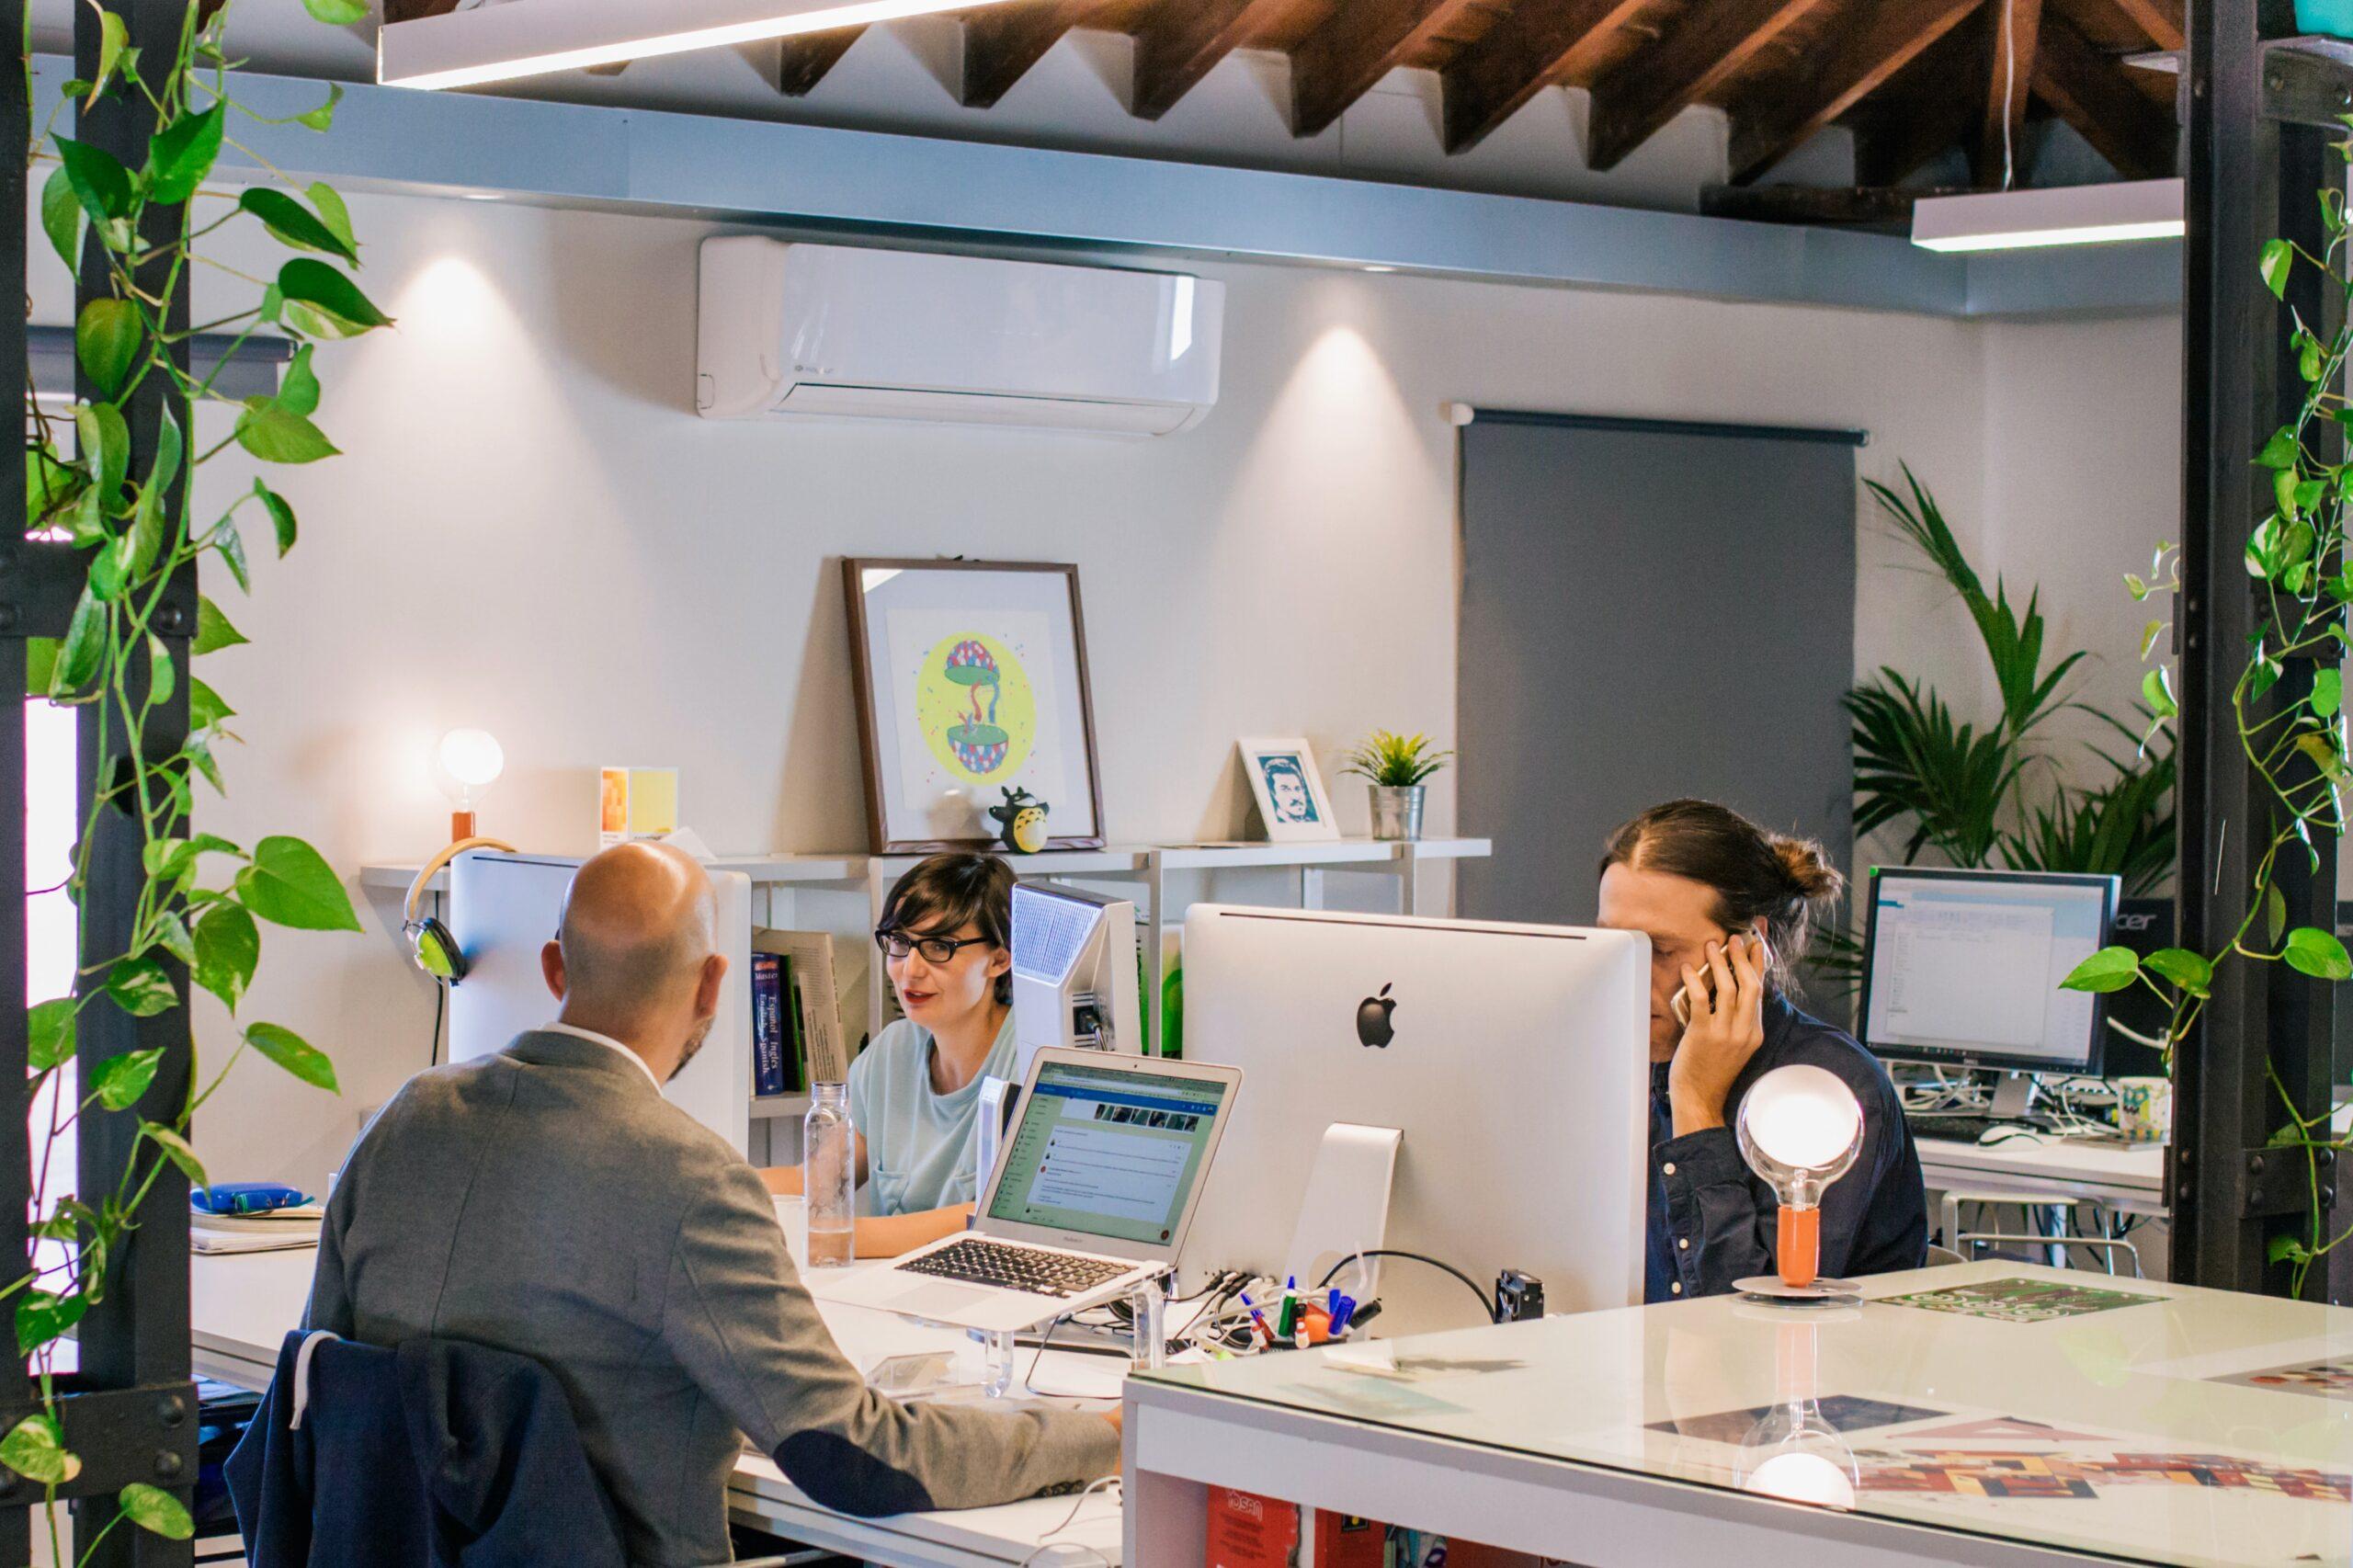 まとめ:オフィス家具を選ぶときは一貫性と機能性を重視しよう